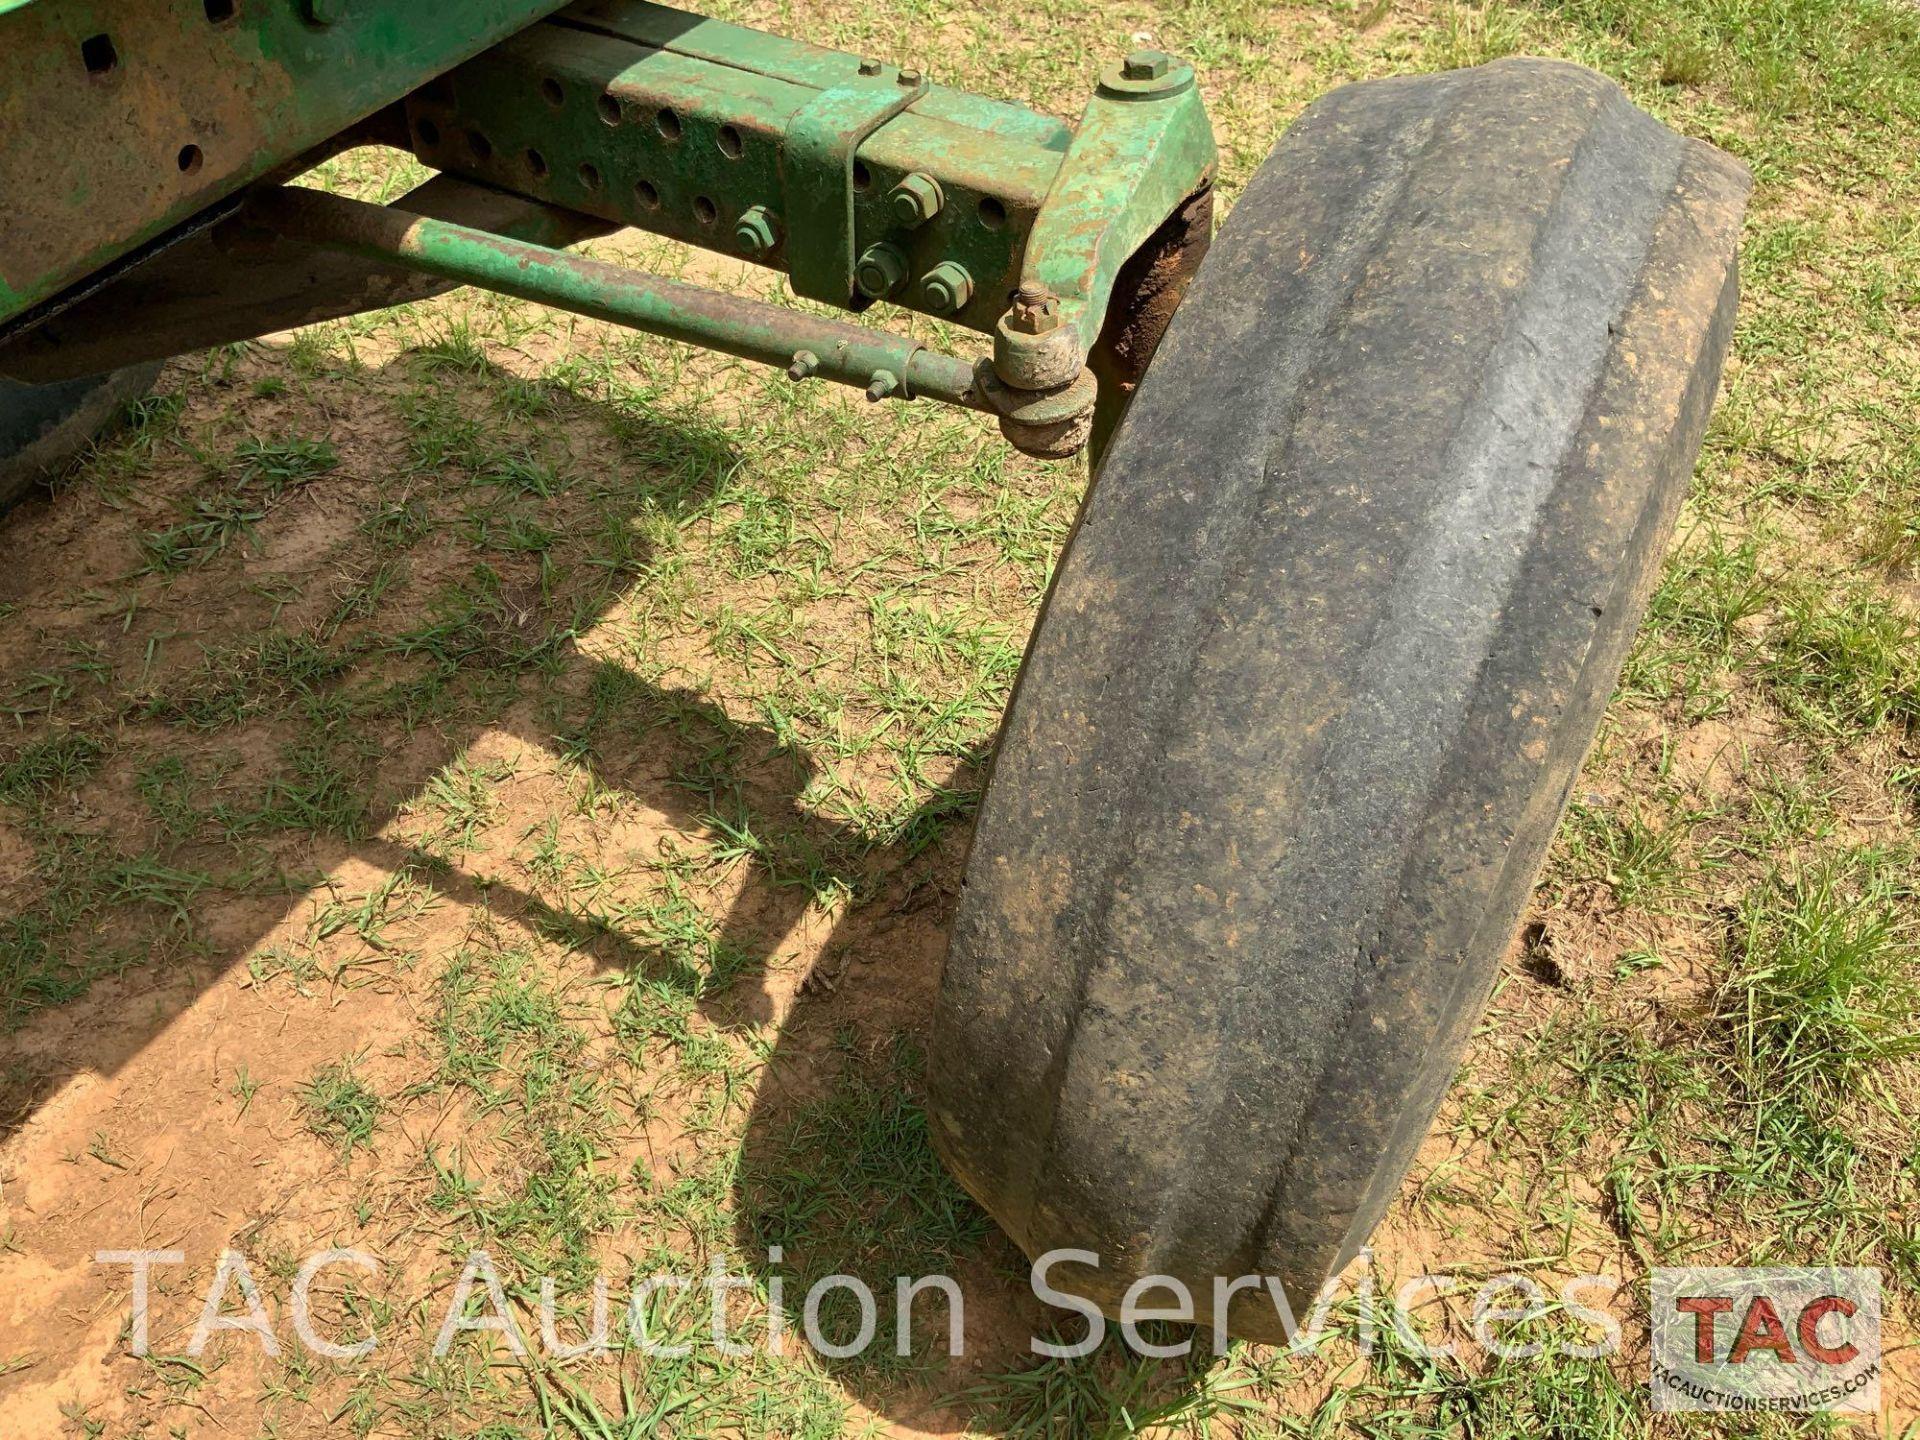 John Deere 4440 Tractor - Image 29 of 31